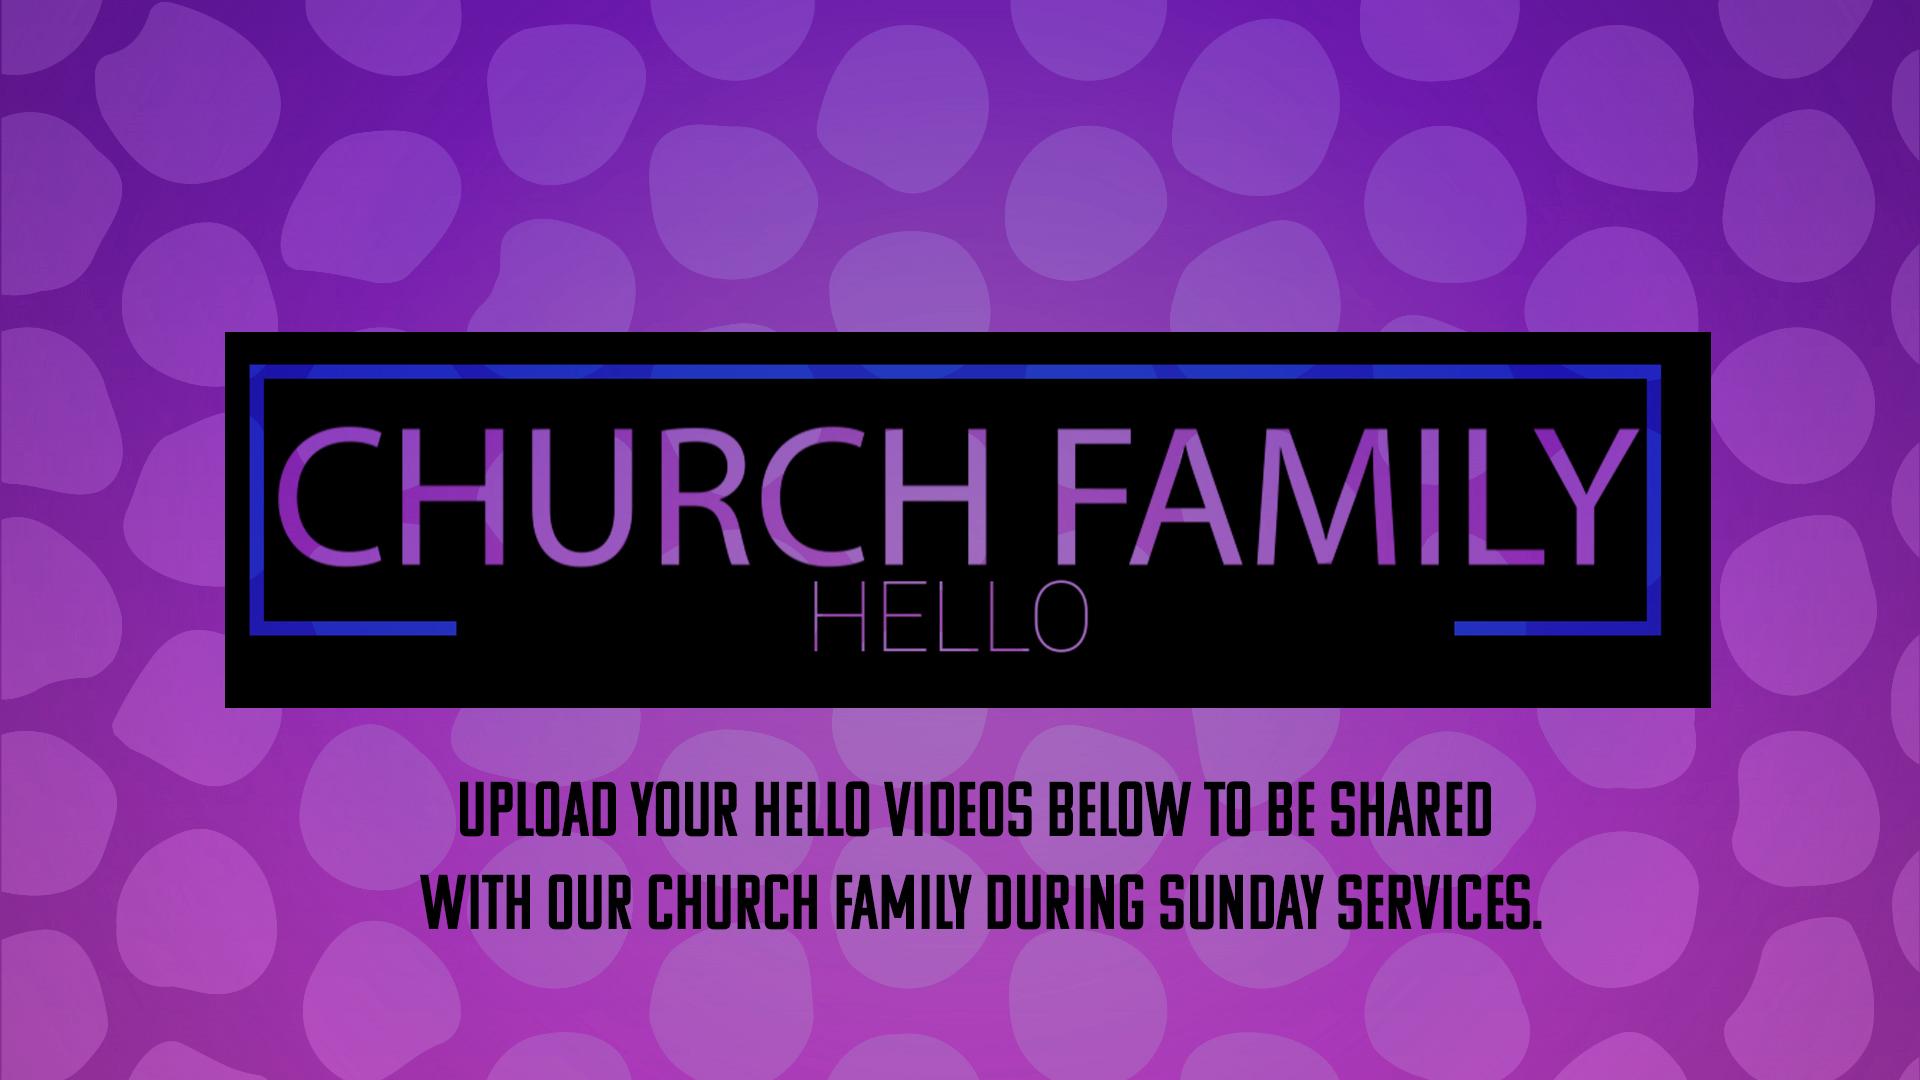 Church Family Hello